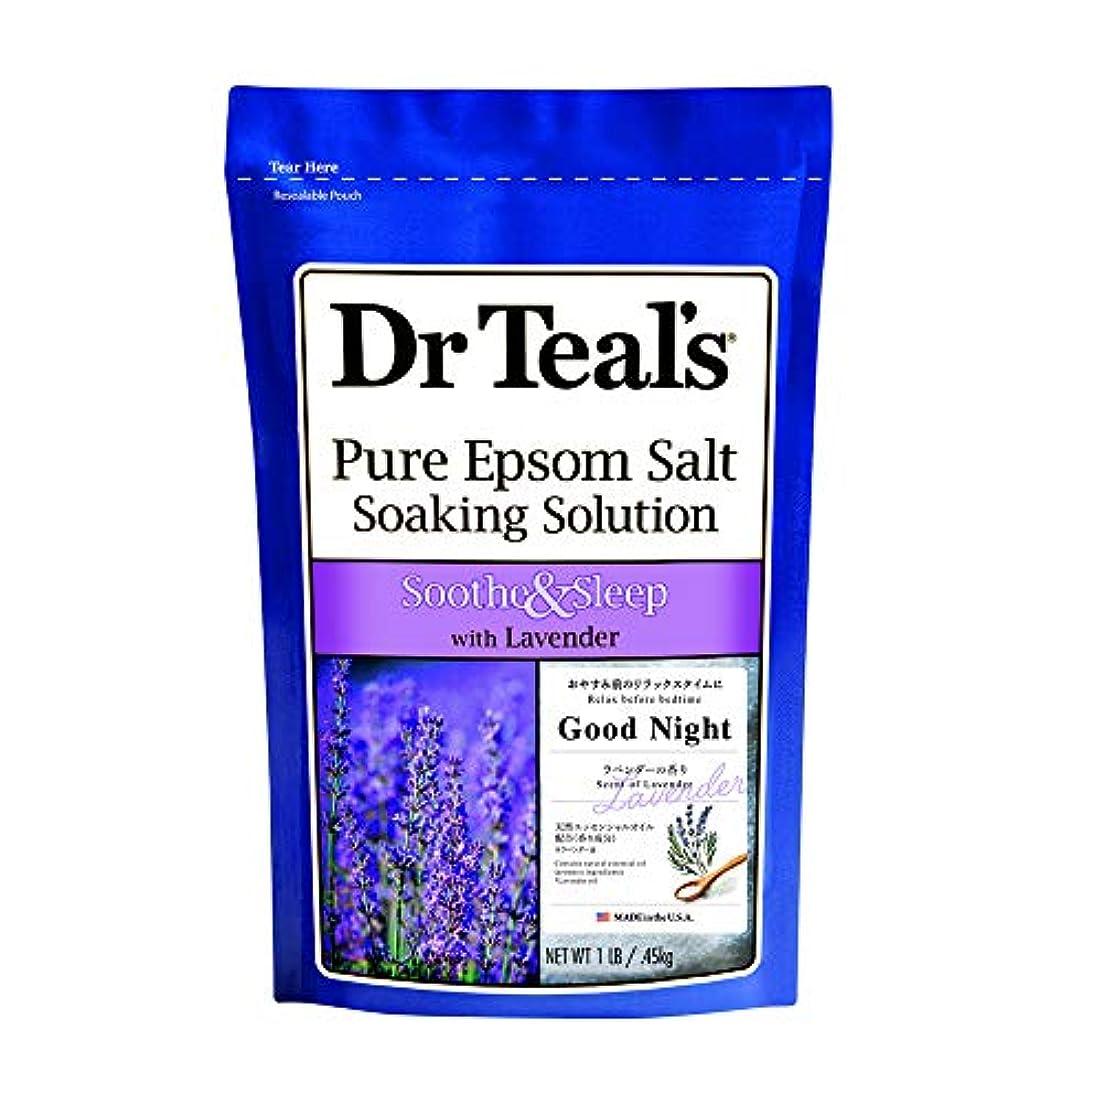 ビリー教師の日余暇Dr Teal's(ティールズ) フレグランスエプソムソルト ラベンダー 入浴剤 453g